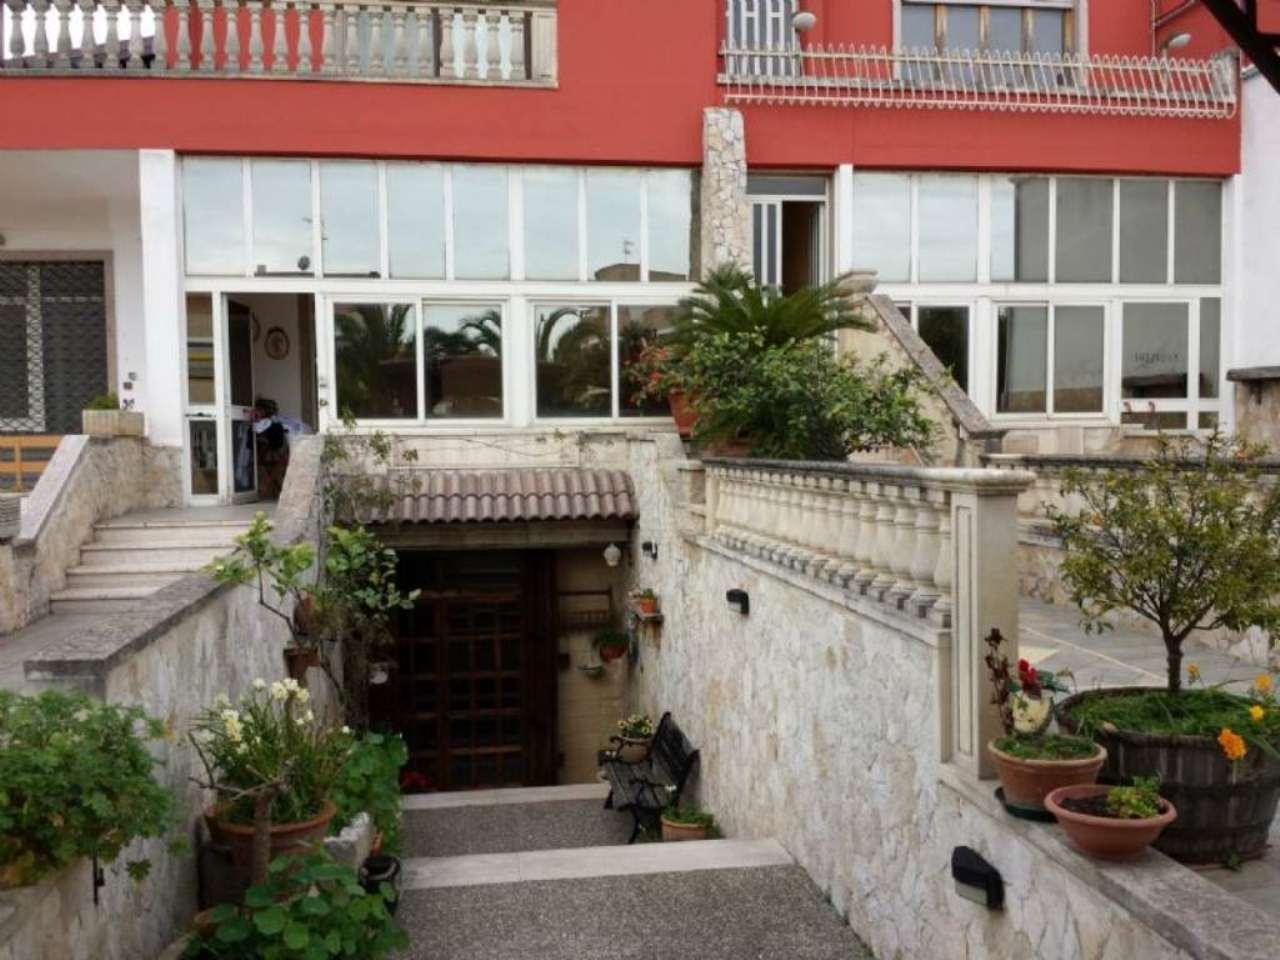 Negozio / Locale in vendita a Copertino, 9999 locali, prezzo € 175.000 | CambioCasa.it